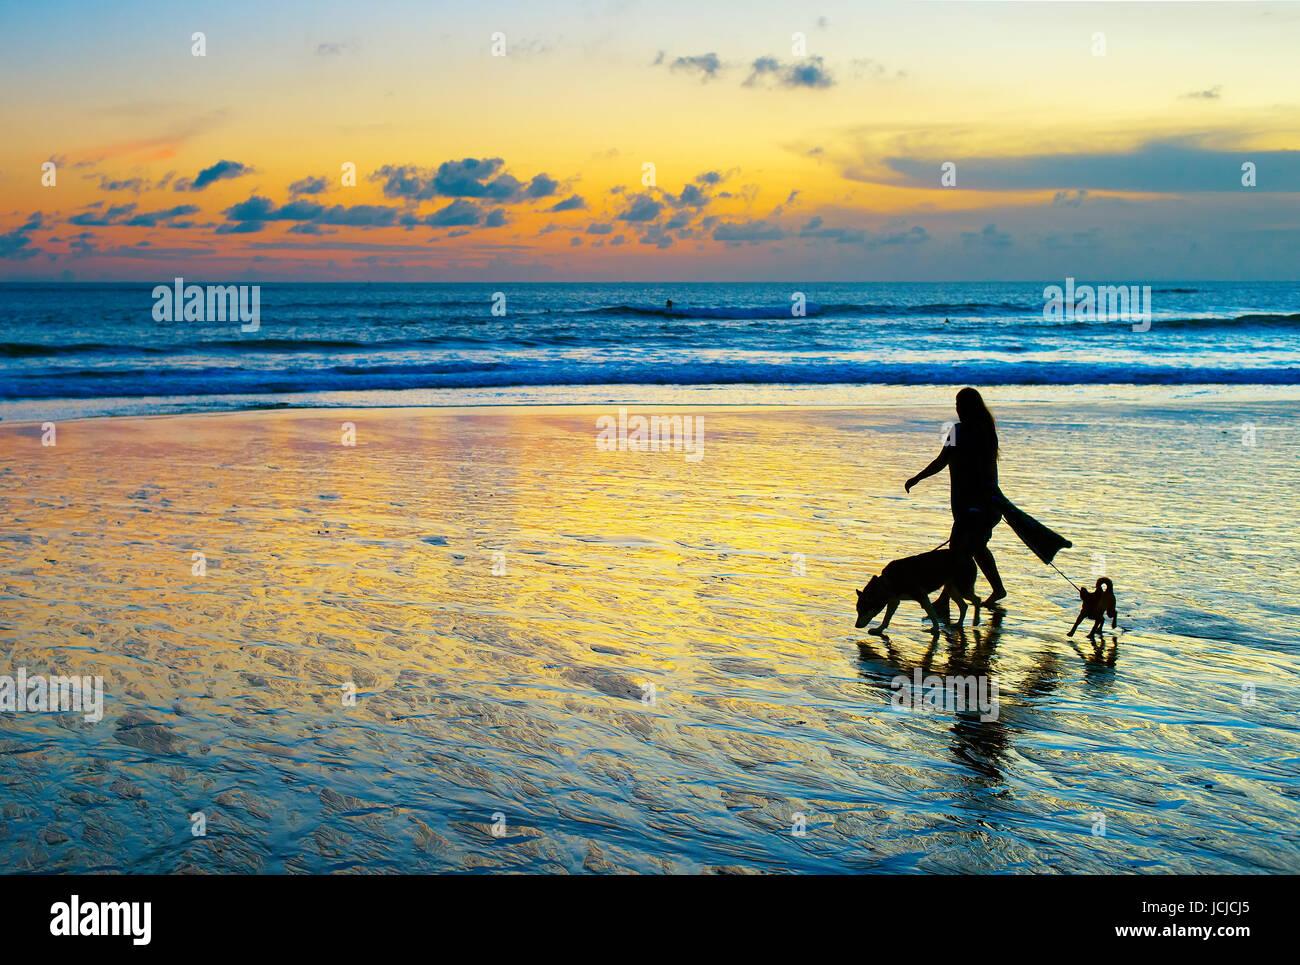 Mujer con dos perros caminando por la playa al atardecer. La isla de Bali Imagen De Stock